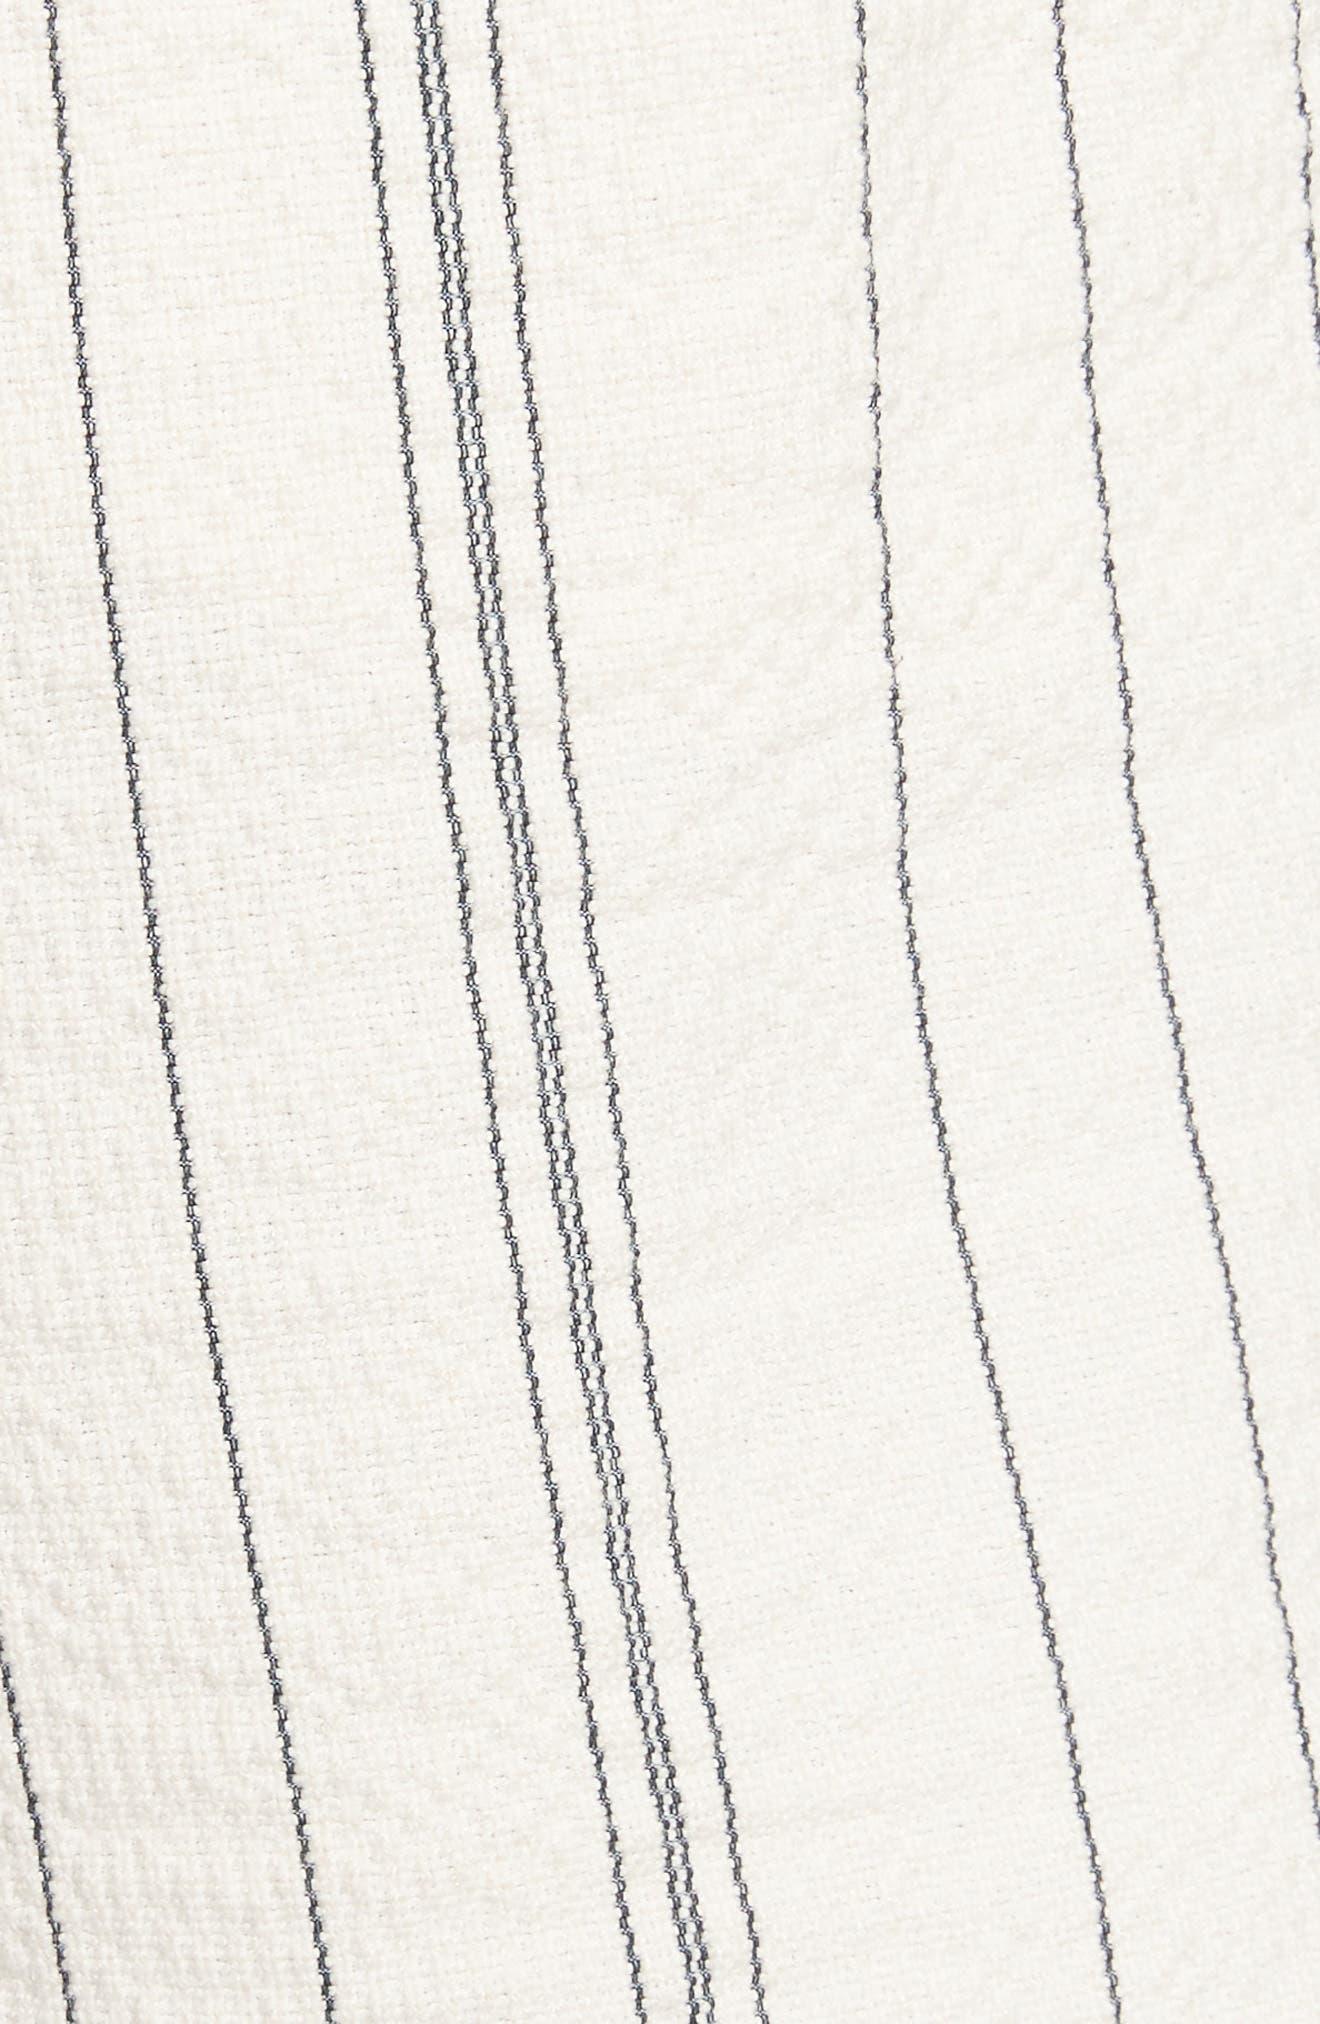 Stripe Shorts,                             Alternate thumbnail 6, color,                             White/ Black